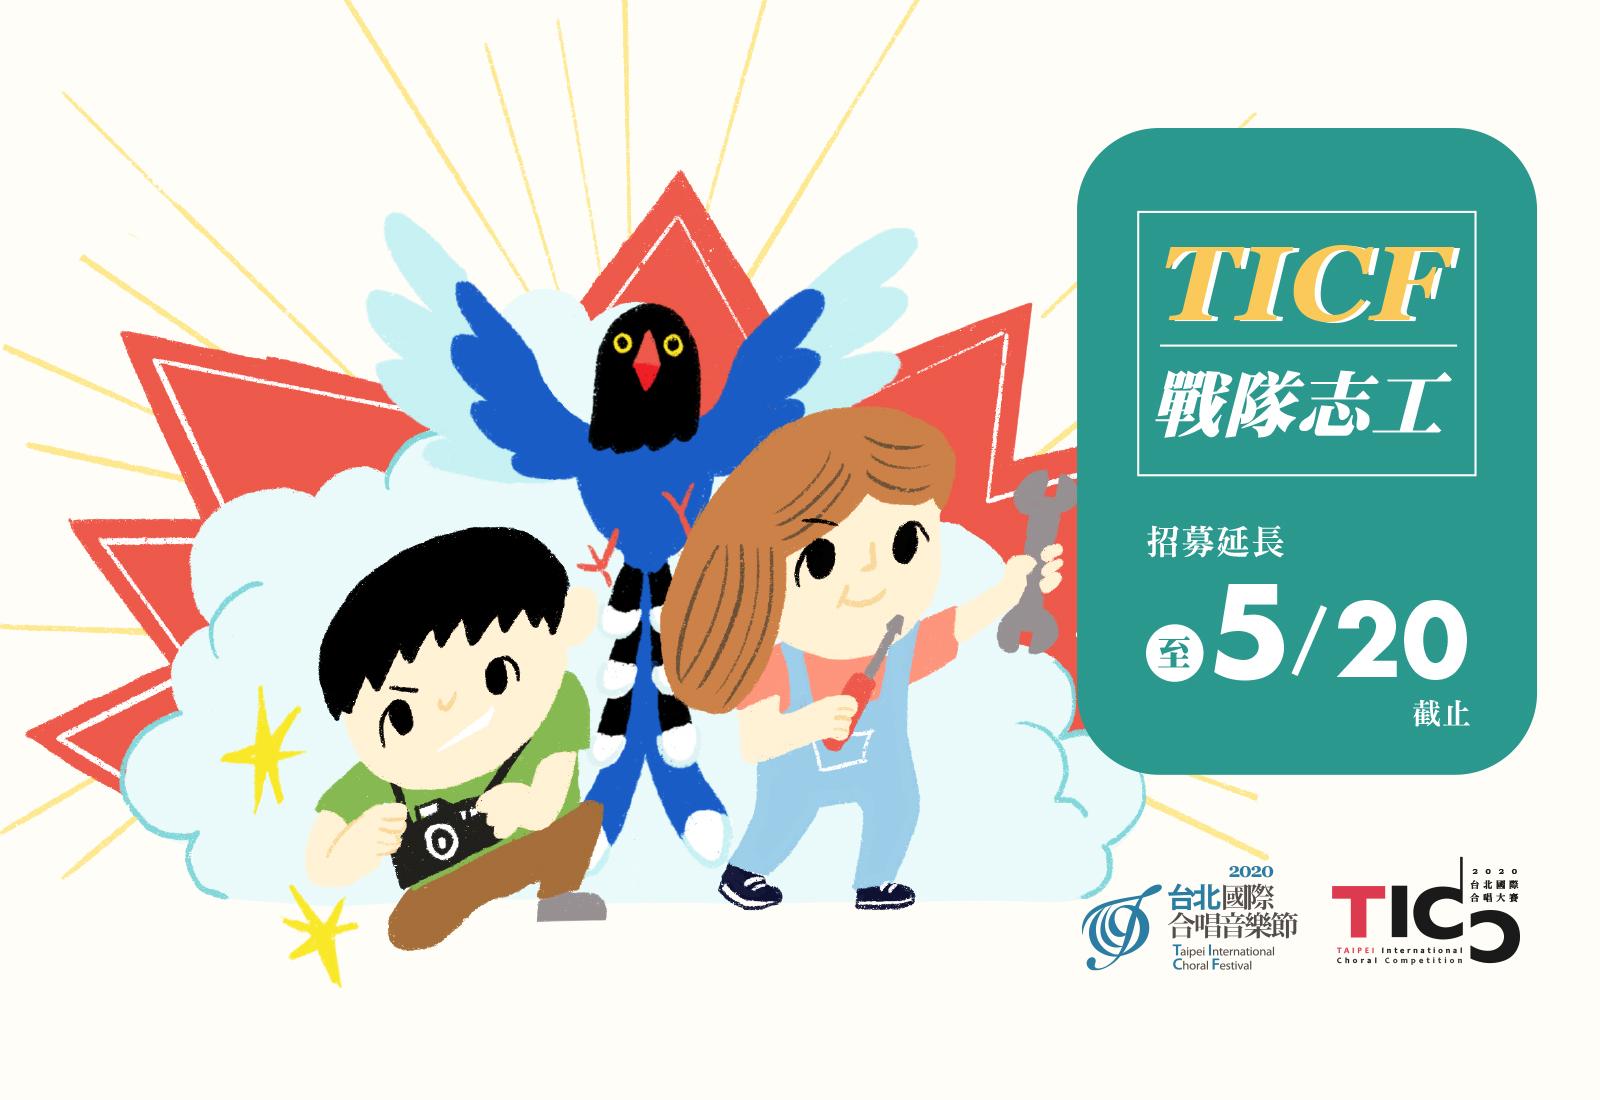 【TICF戰隊志工】招募延長至5/20截止